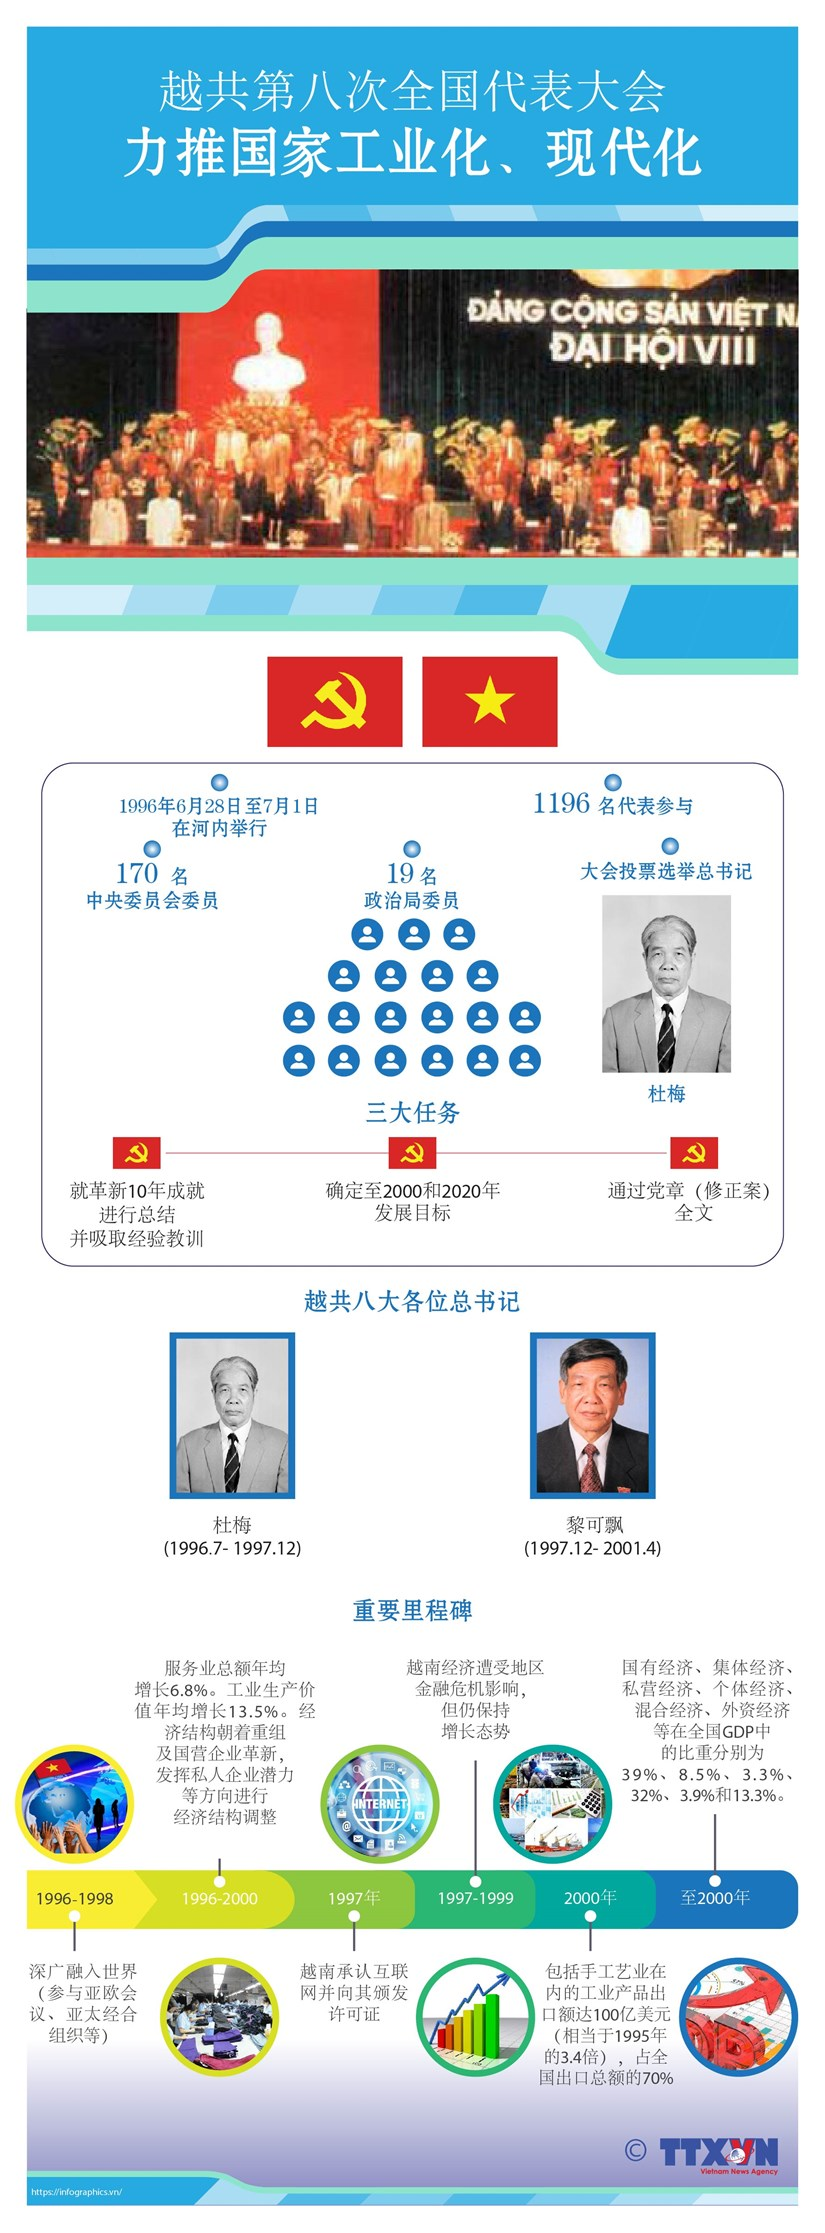 图表新闻:越共第八次全国代表大会:力推国家工业化、现代化 hinh anh 1